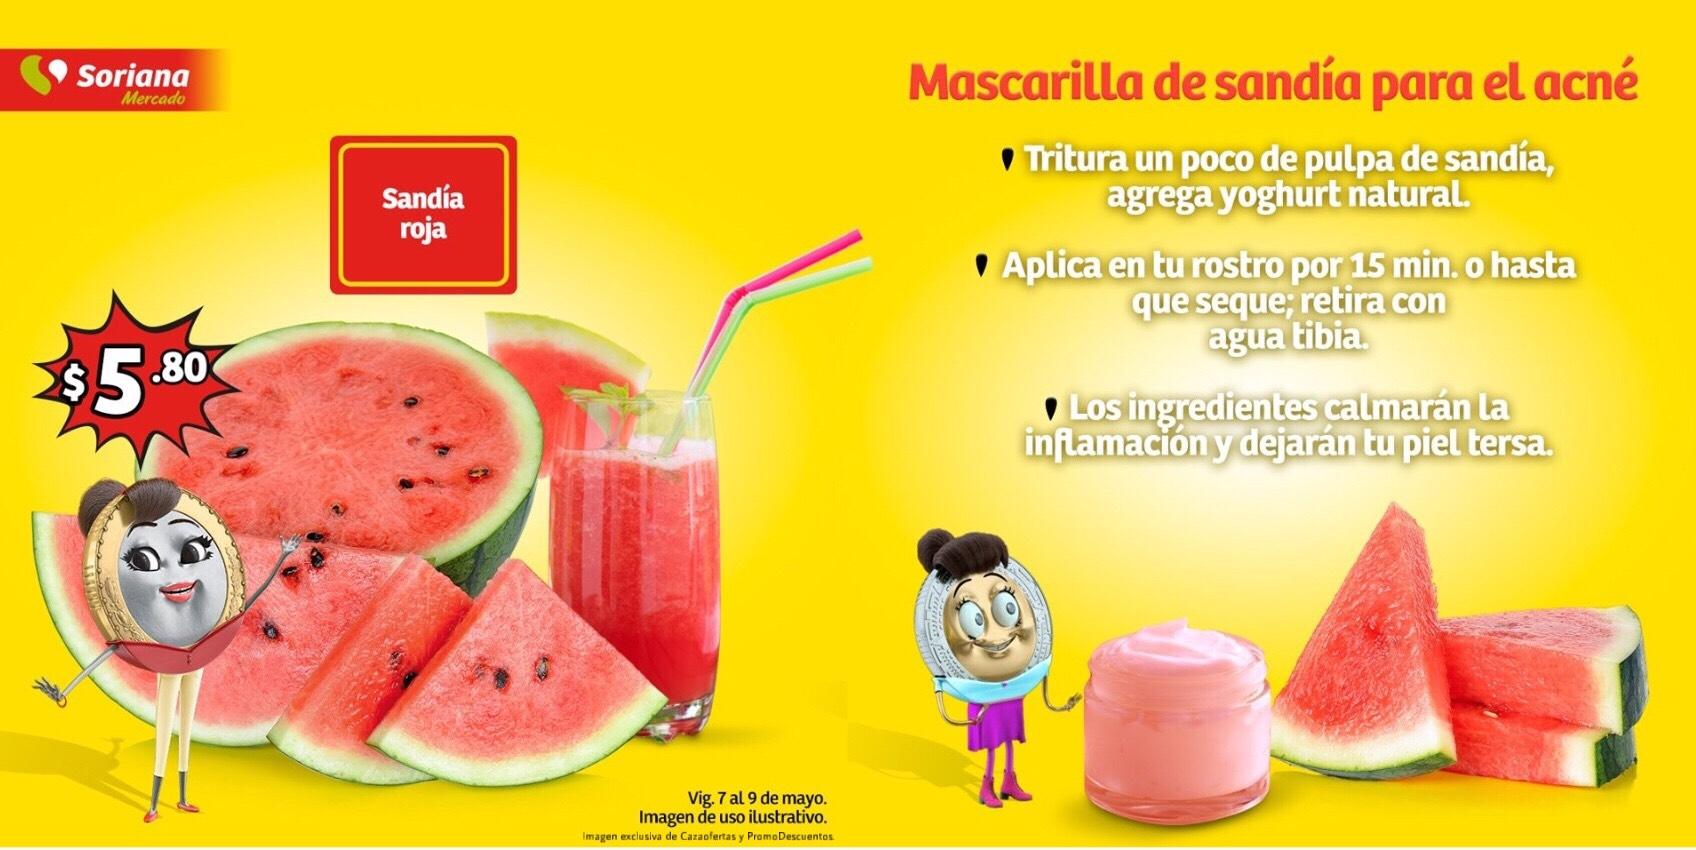 Soriana Mercado y Express: Ofertas y Promociones de Frutas, Verduras, Carnes, Aves y Mariscos del 07 al 09 de Mayo 2019